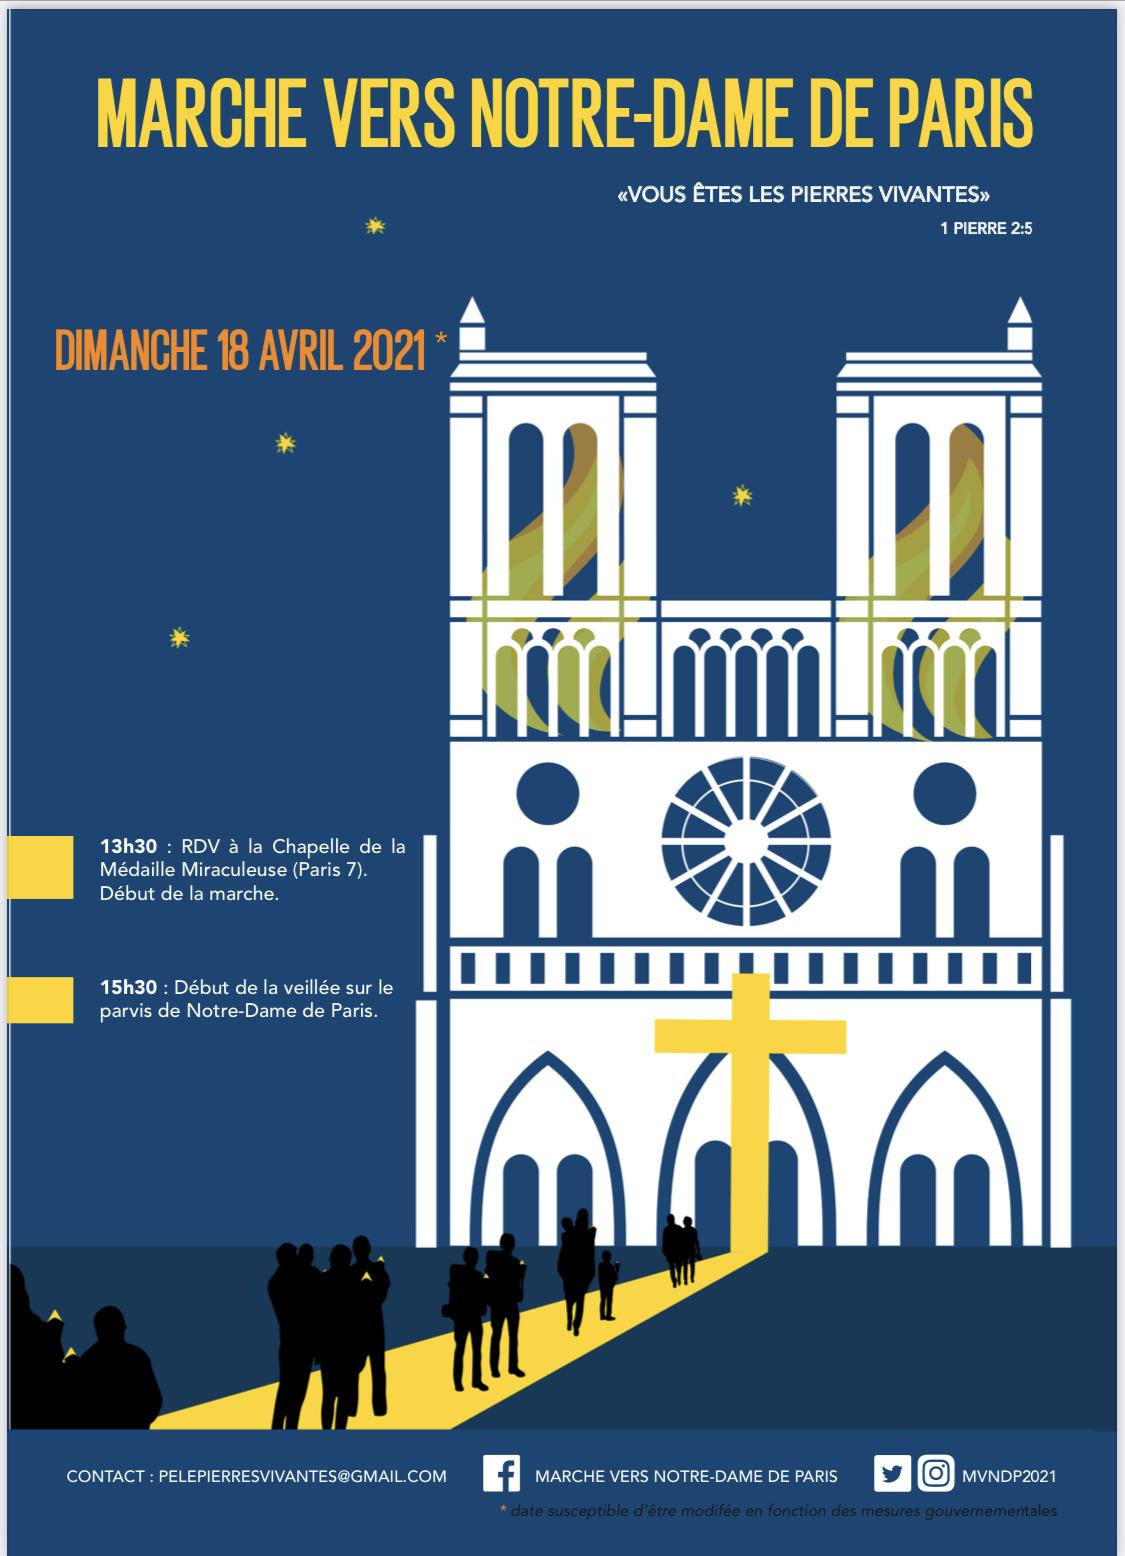 Paris: marche de la Chapelle de la Médaille Miraculeuse au parvis Notre-Dame de Paris